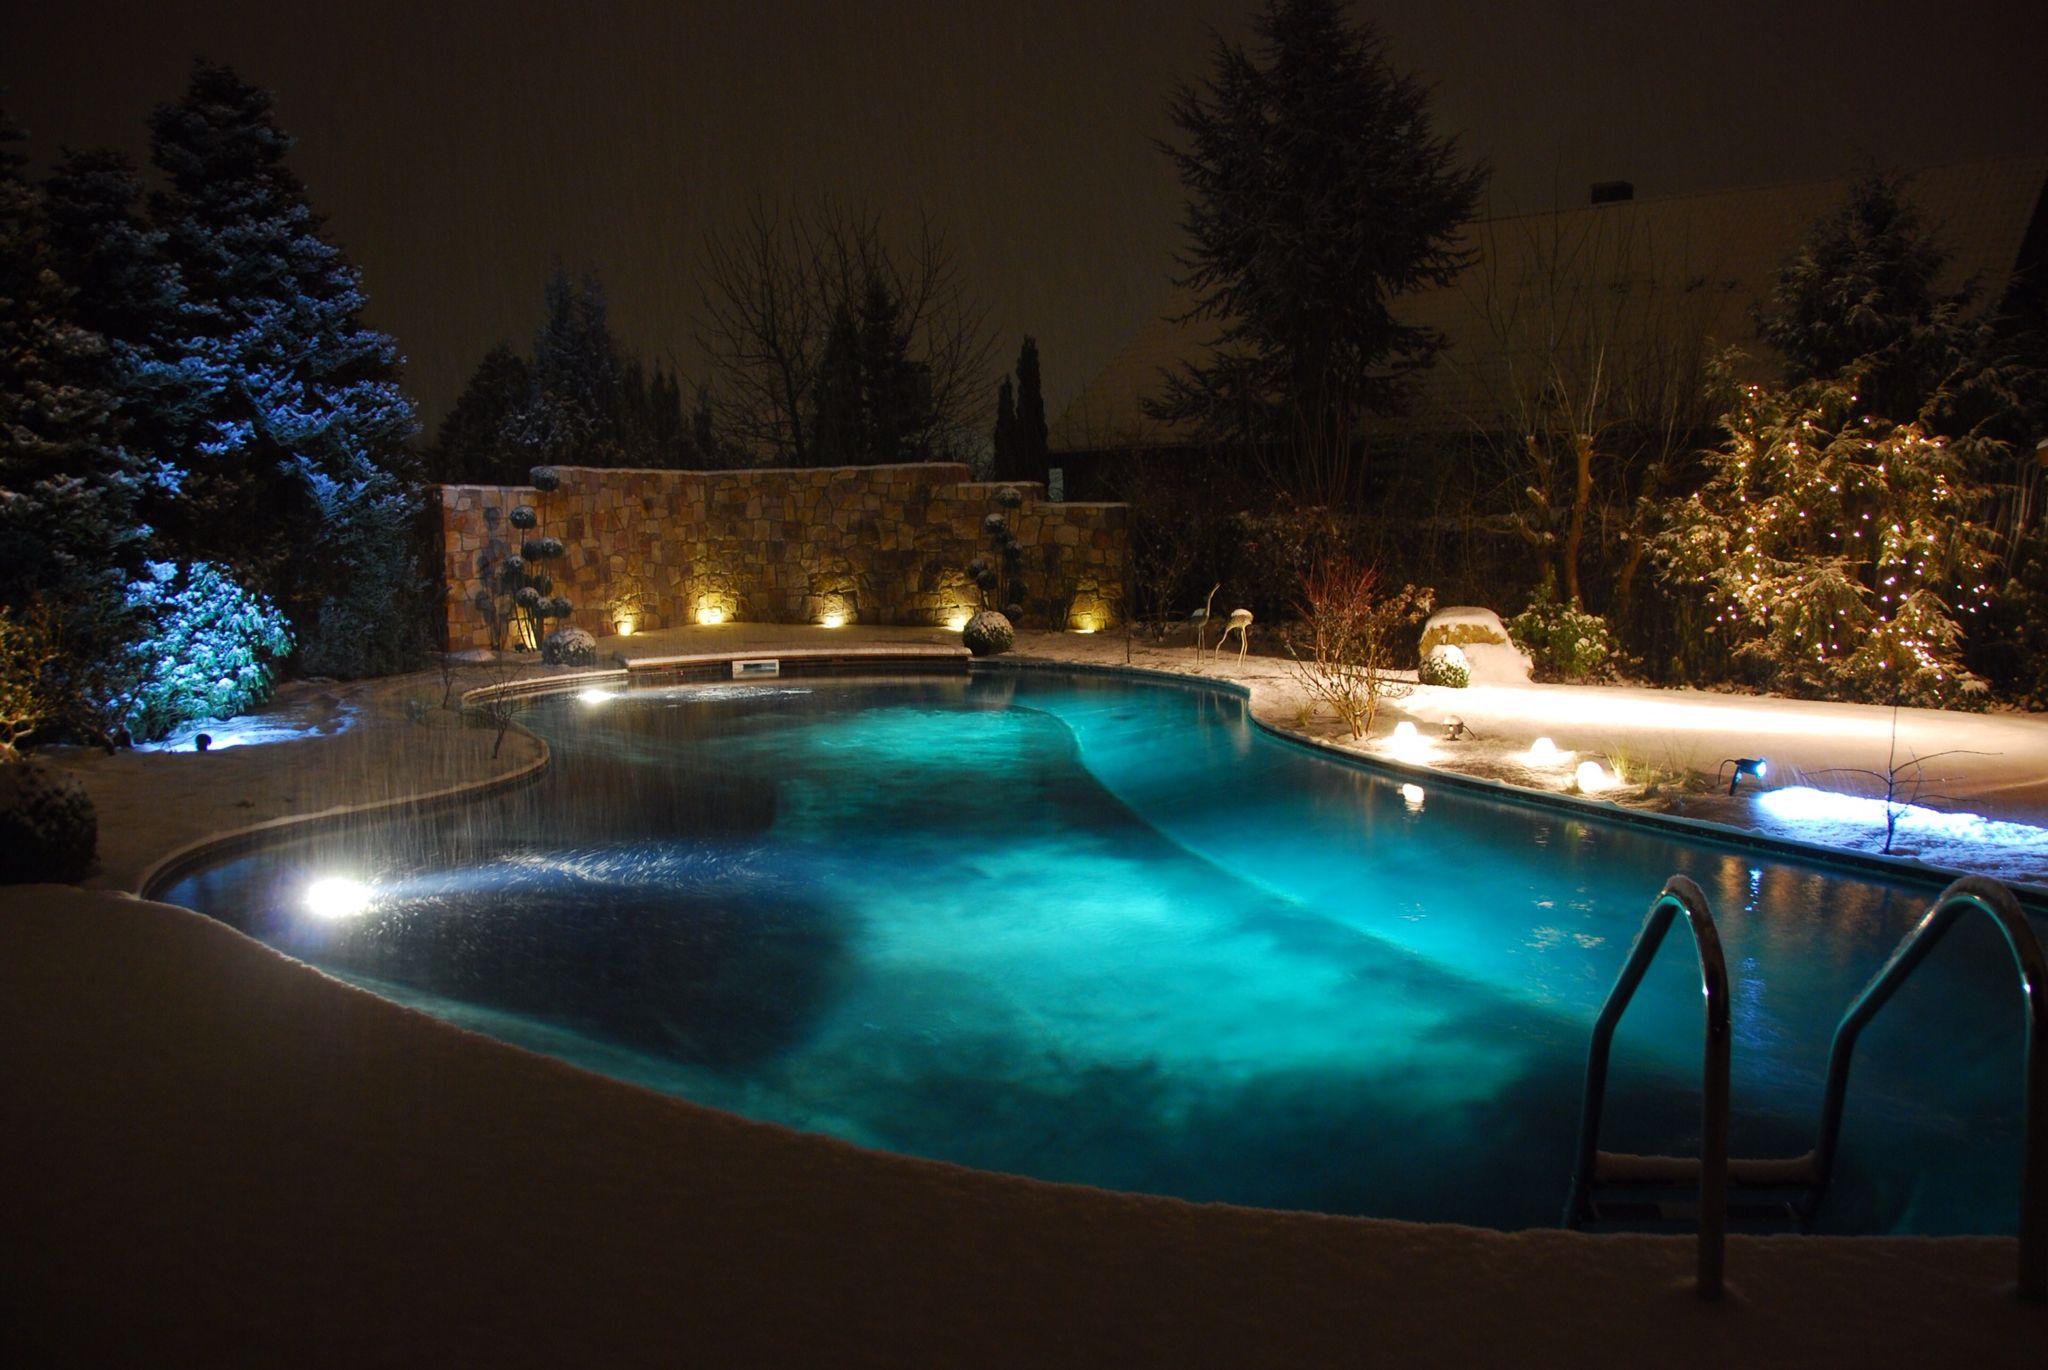 schwimmteich freie form mit salzelektrolyse salzwasser. Black Bedroom Furniture Sets. Home Design Ideas